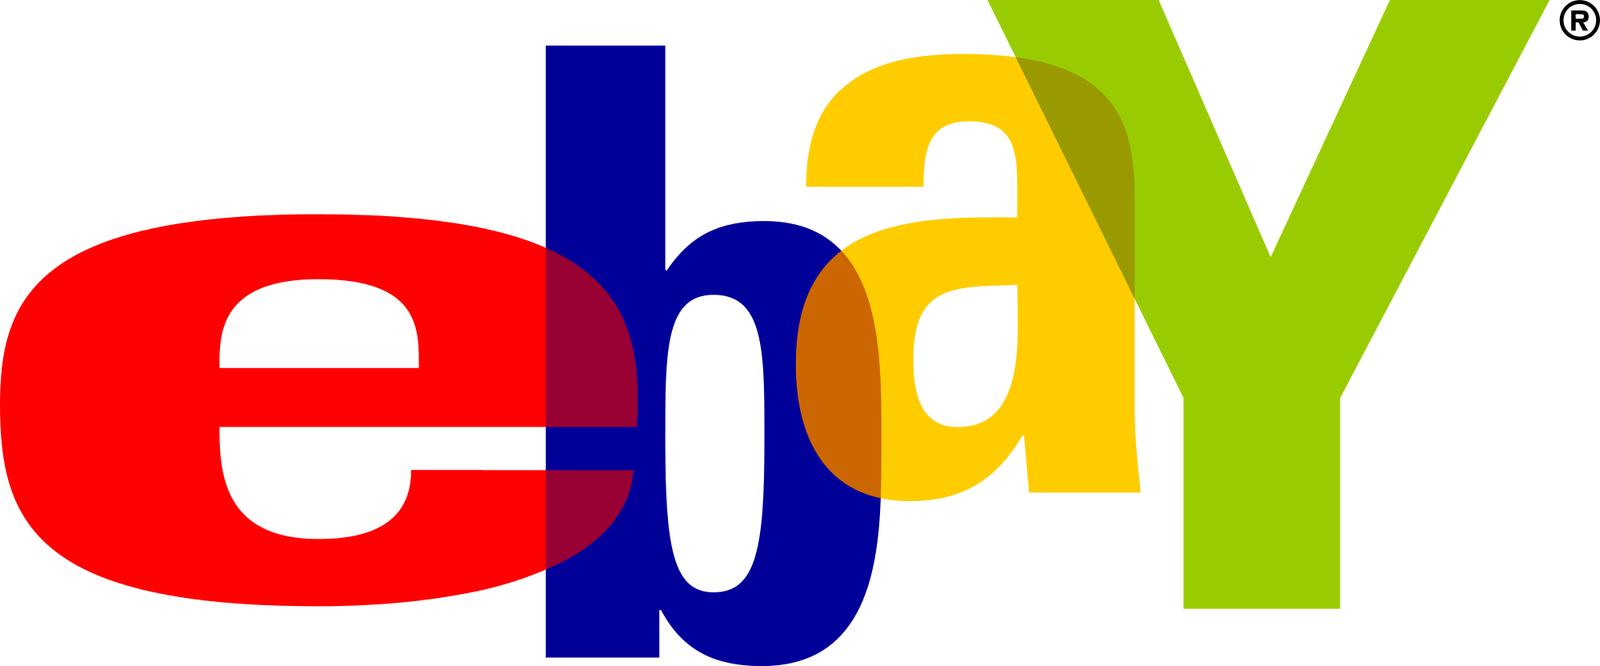 €10 korting op alles door coupon (min. besteding €20) @ eBay (vanaf 12 februari)